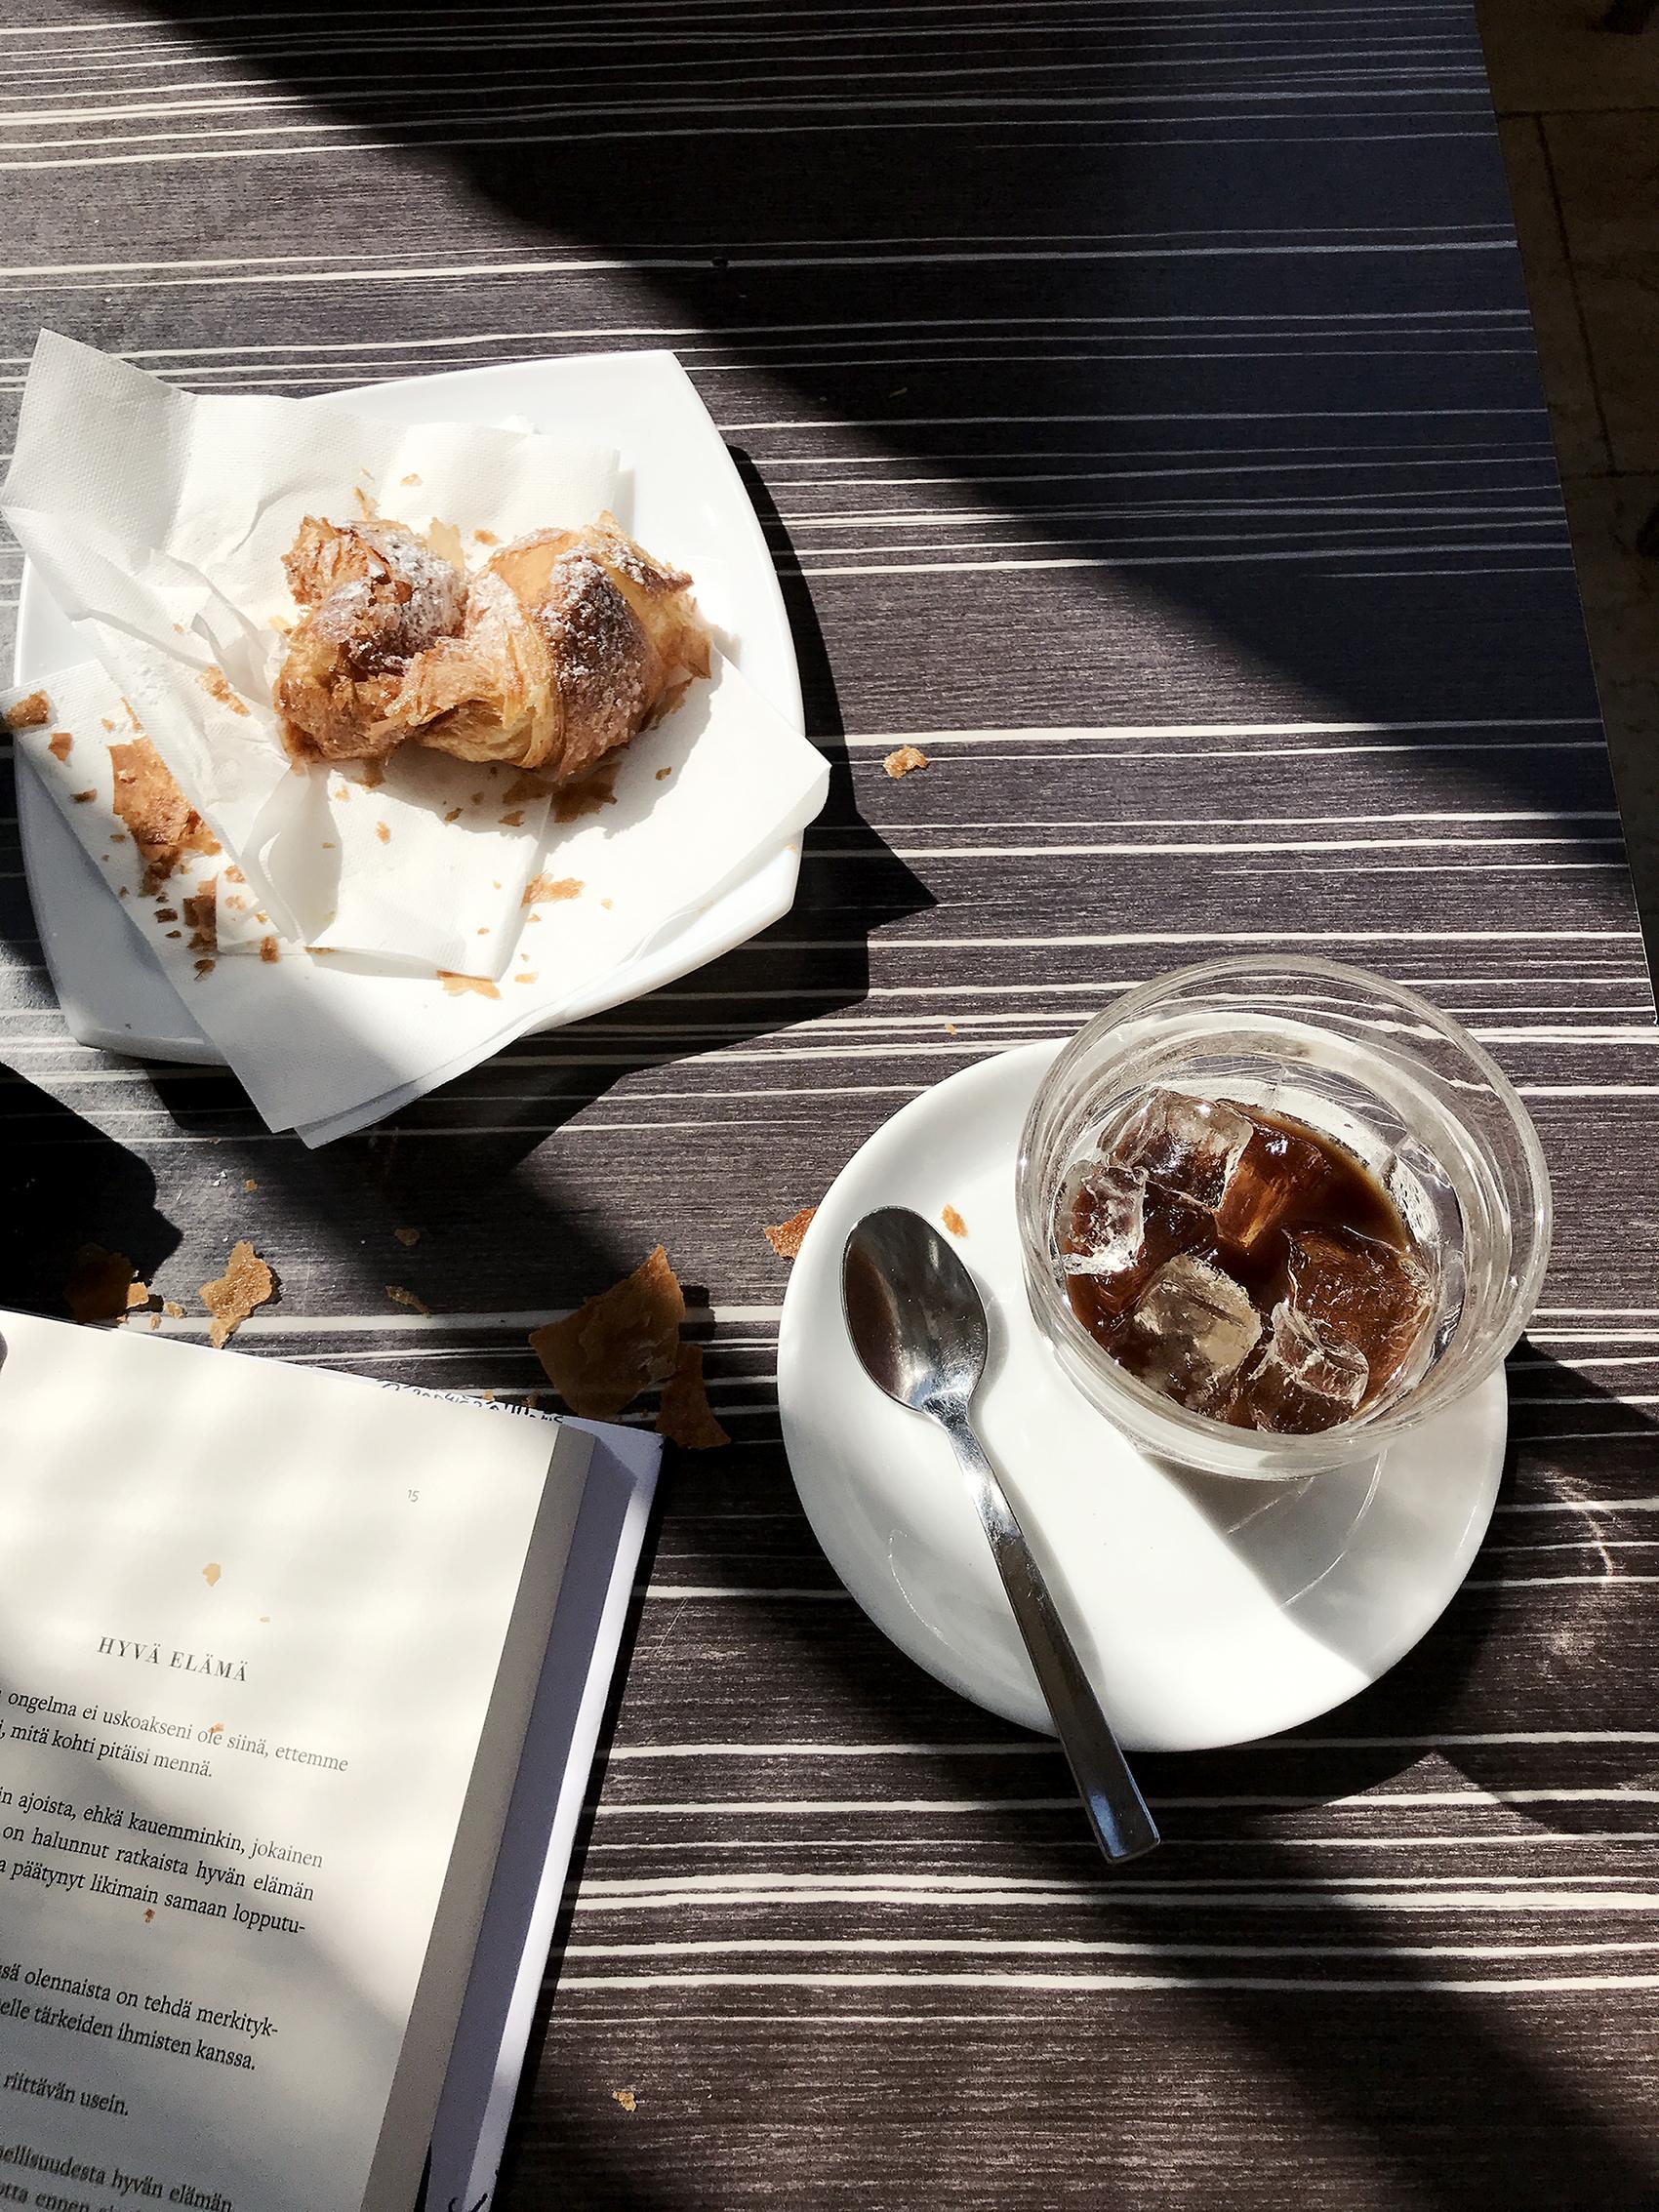 Caffè leccese ja cornetto alla crema. Aamulukemisena tässä Saku Tuomisen Juu ei, siitä kenties lisää myöhemmin.